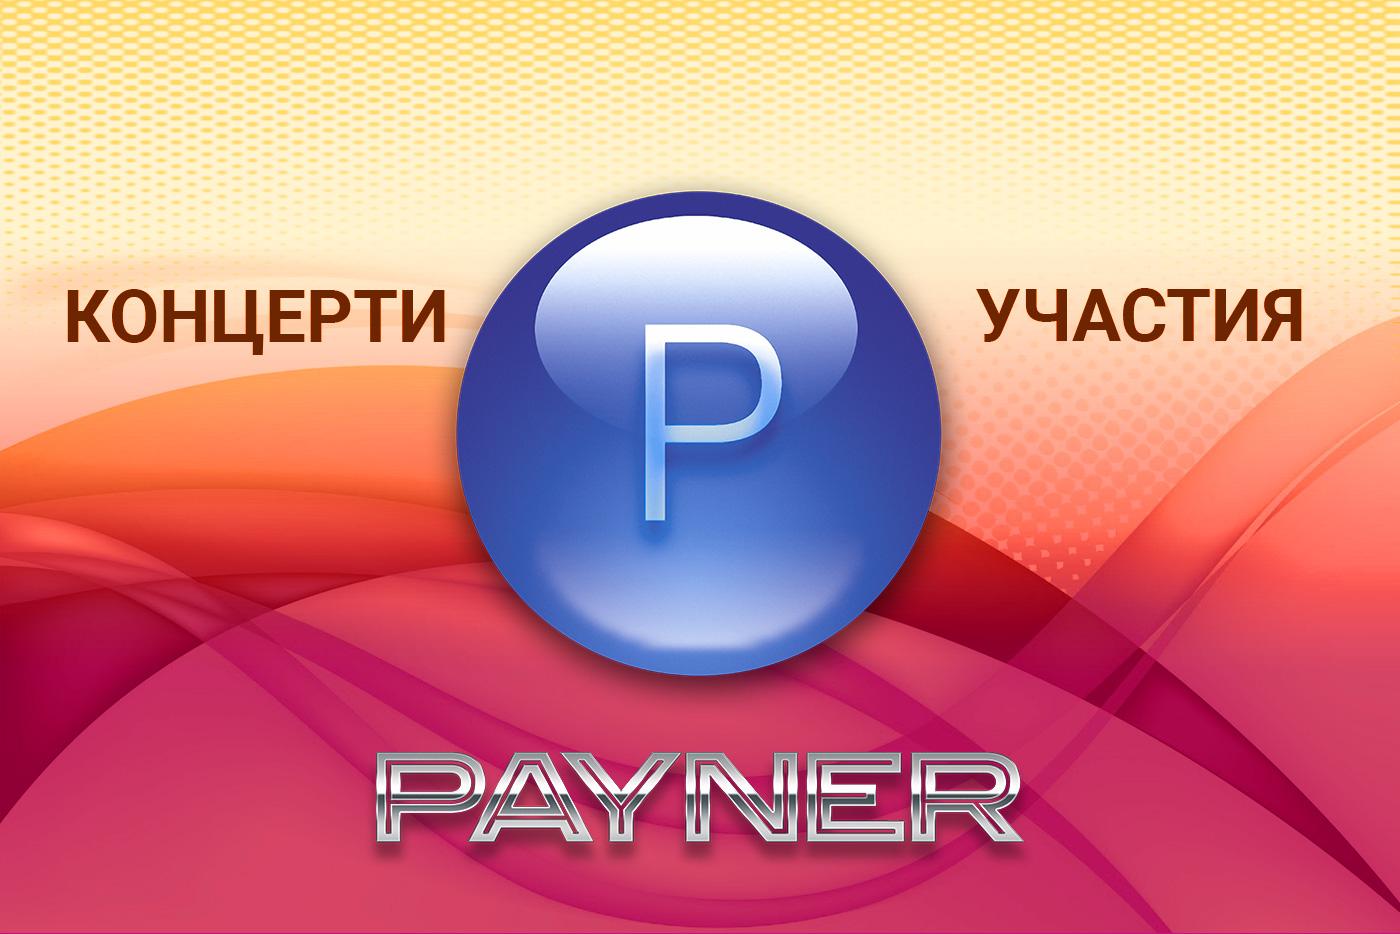 """Участия на звездите на """"Пайнер"""" на 13.07.2019"""